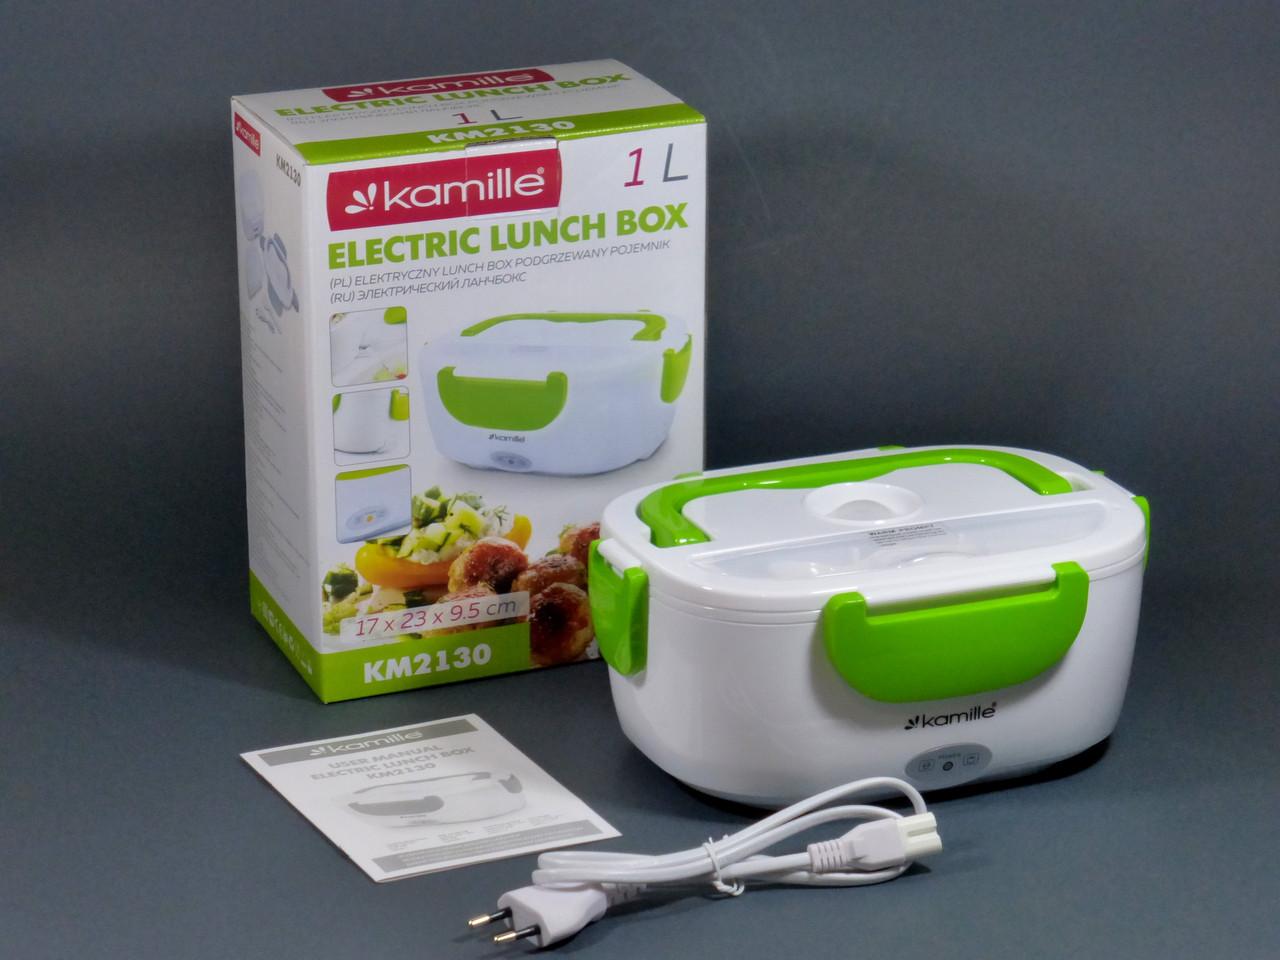 Электрический ланчбокс для еды Kamille 1л (17х23х9,5см) пищевой ланч бокс с электро-подогревом от сети